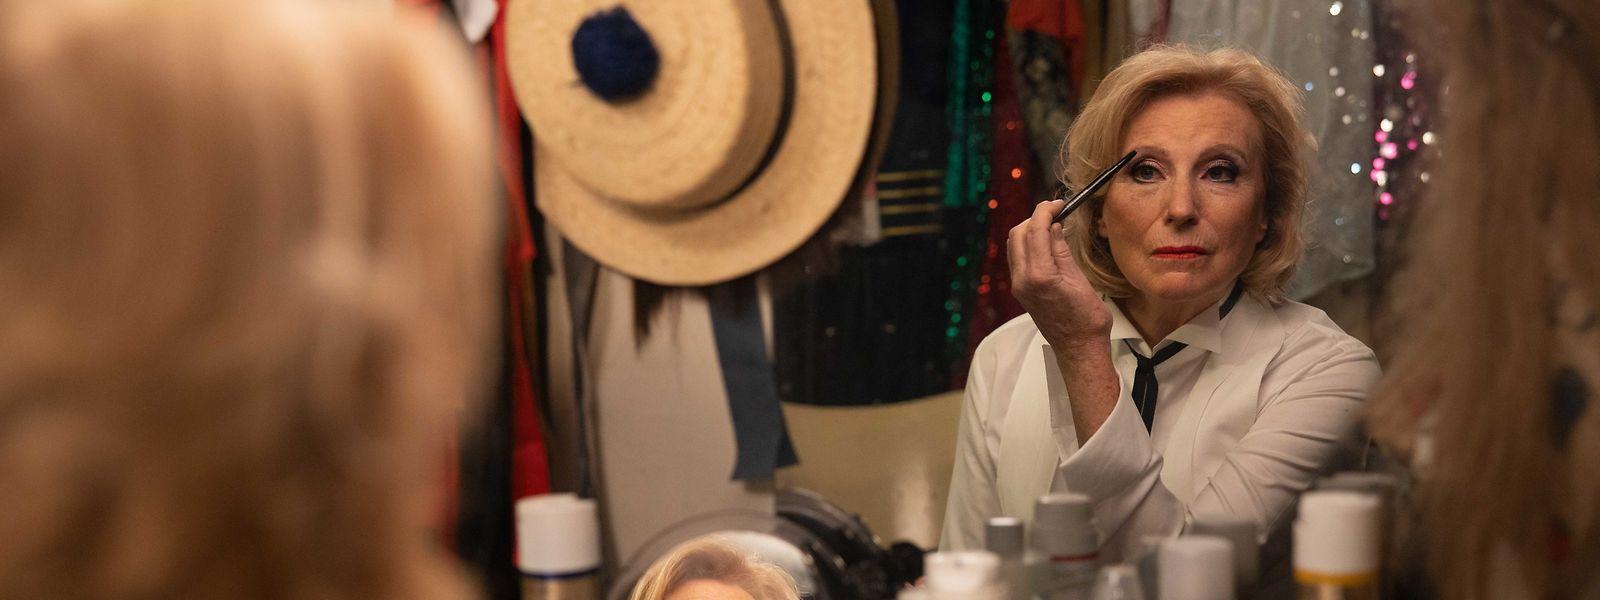 Zufrieden bereitet sich Carla (Maren Kroymann) auf ihren Varieté-Auftritt vor. Zuvor hat sie endlich ihrem Herzen Luft gemacht und ihren erwachsenen Kindern gekündigt.